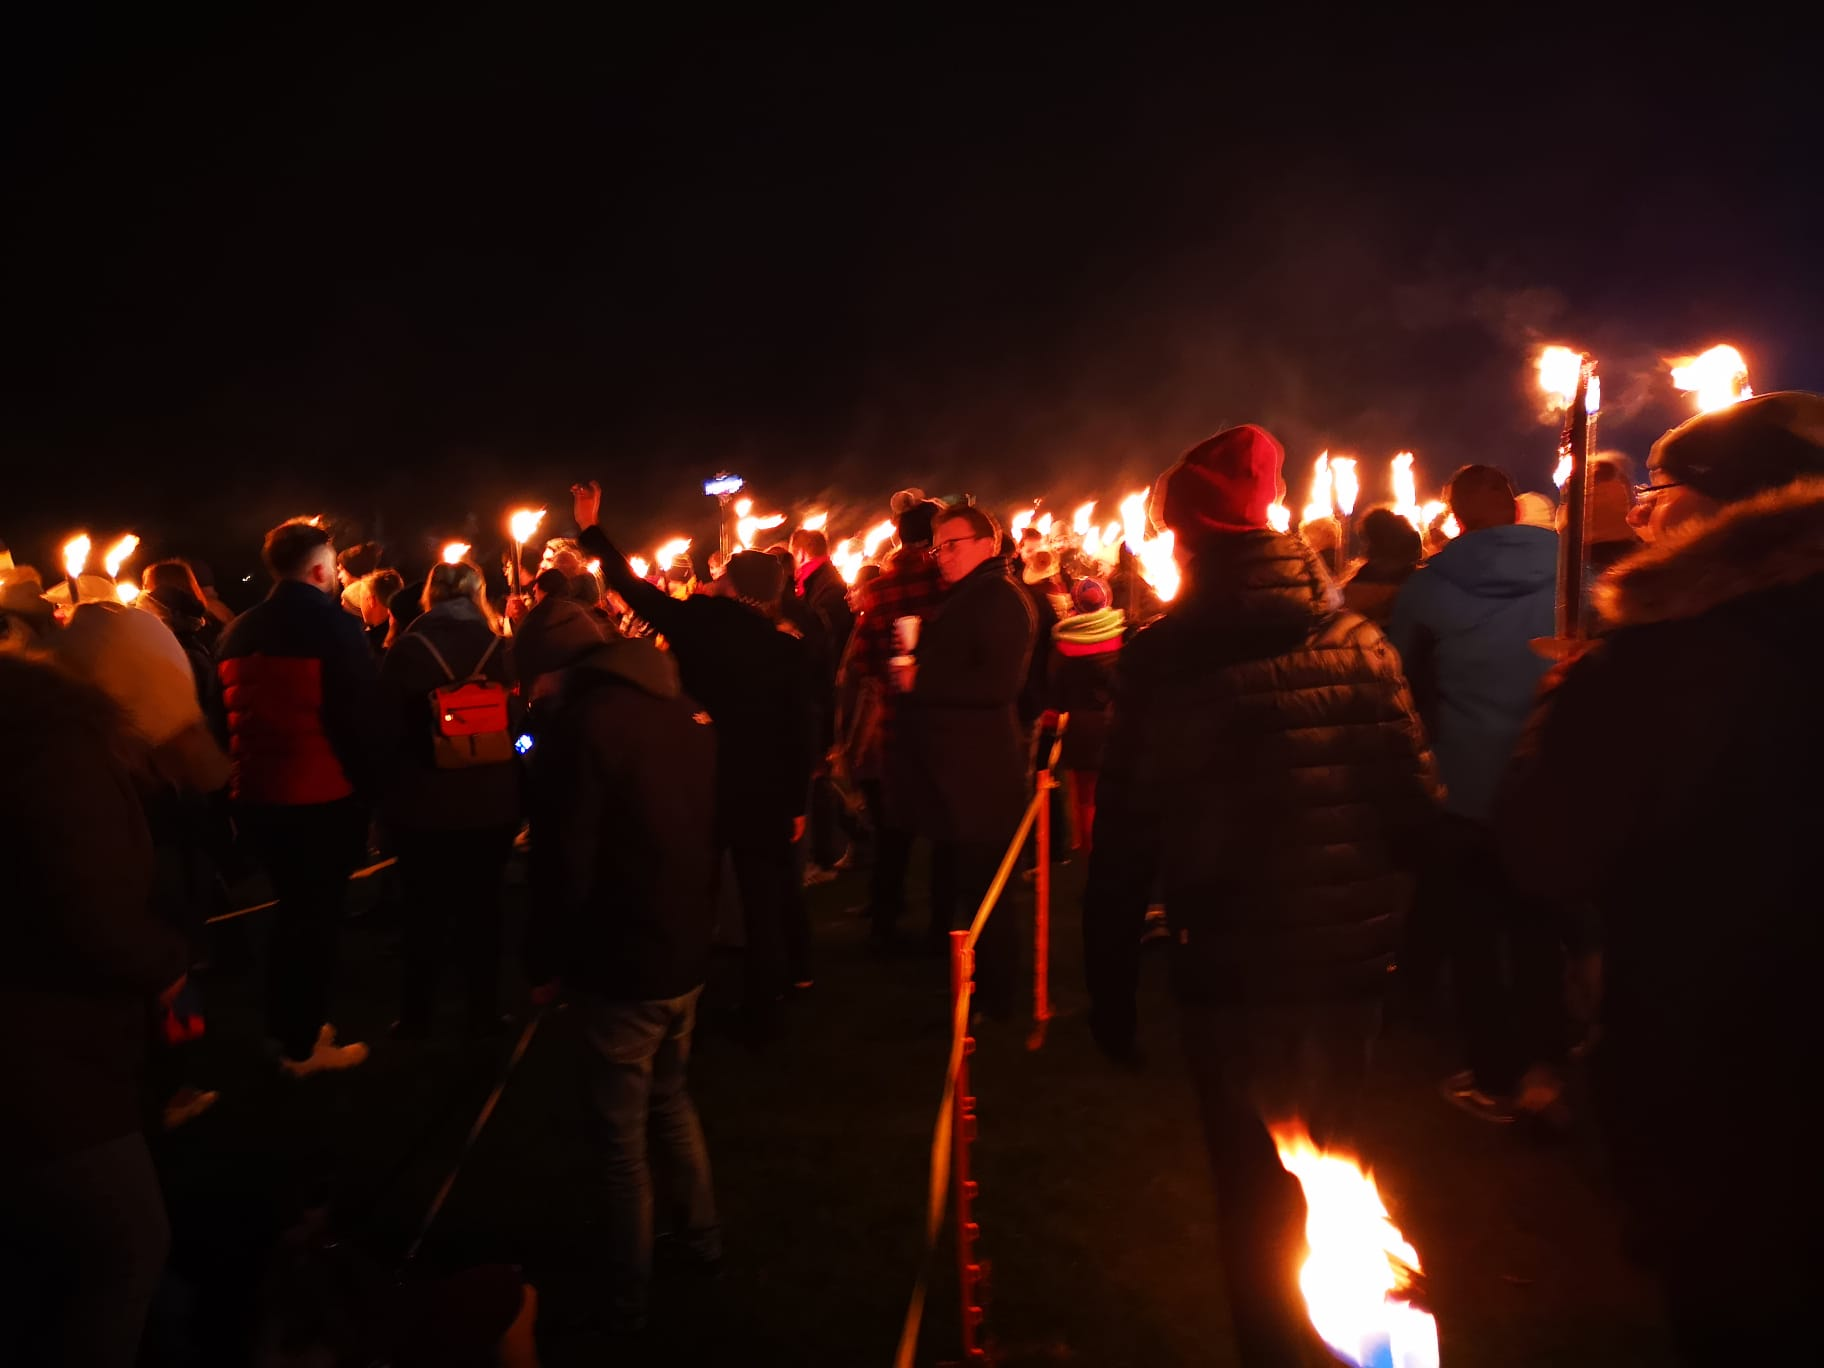 antorchas - edimburgo - personas - fuego